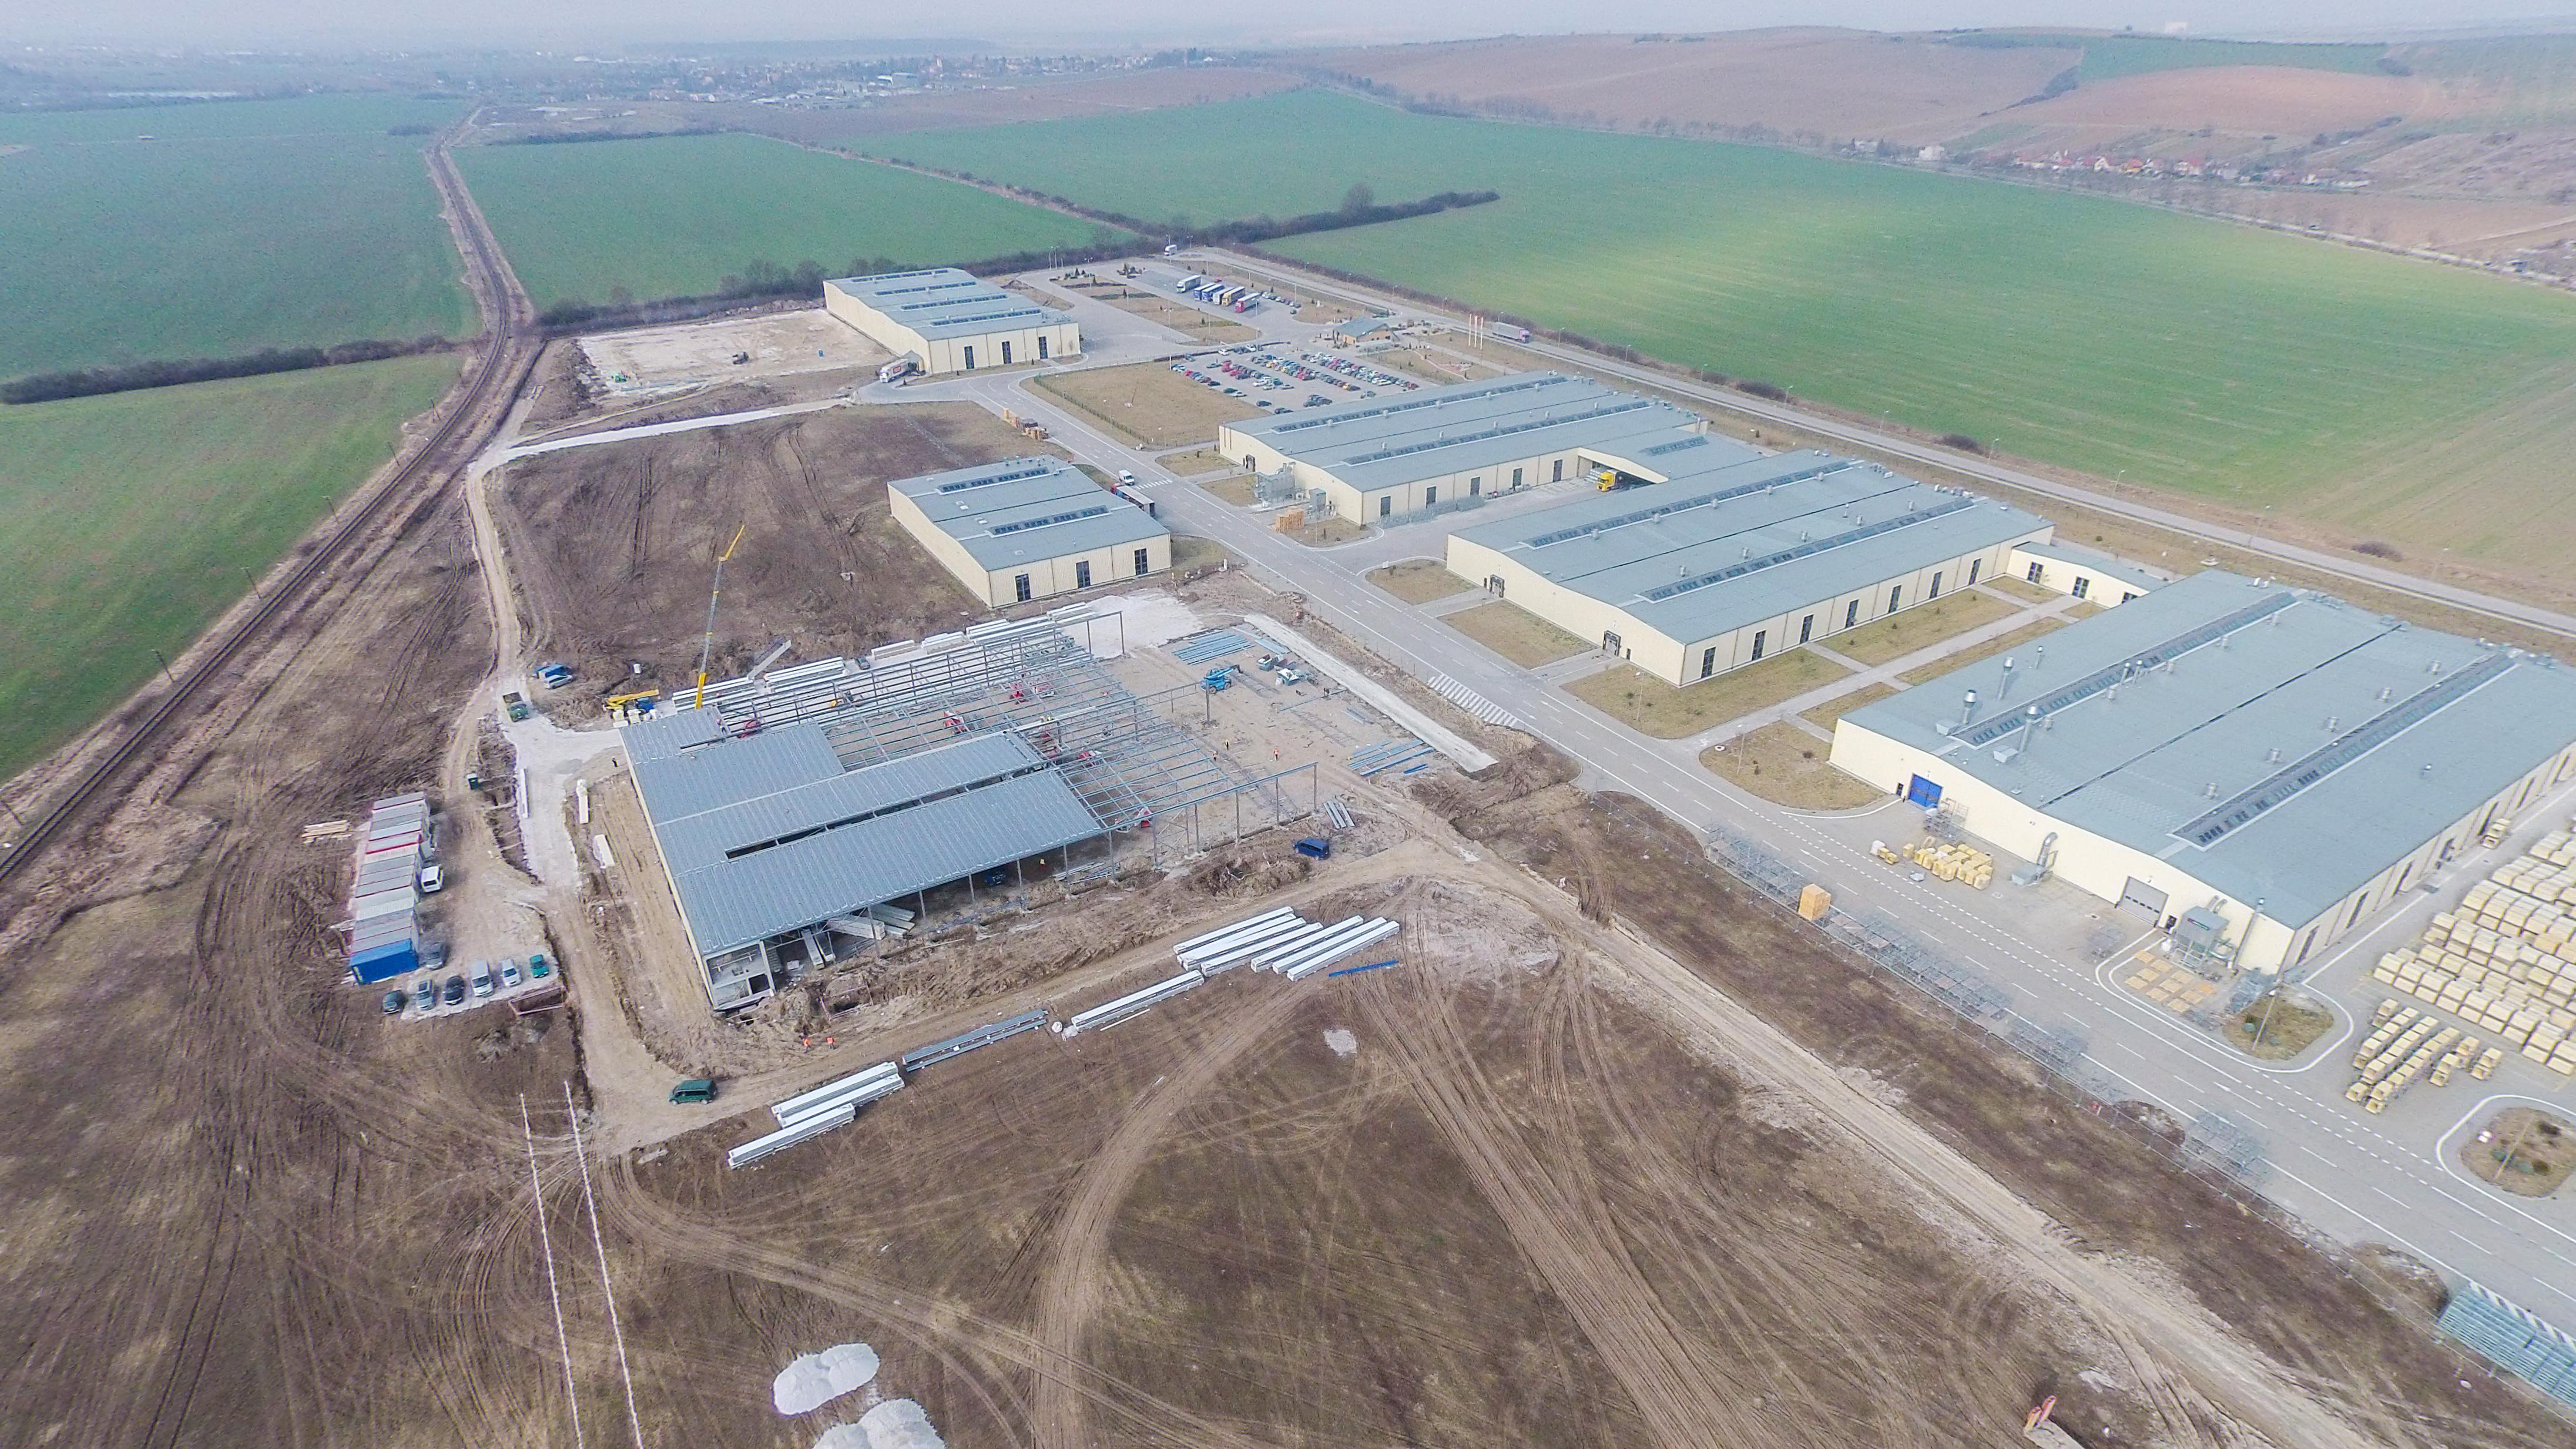 94d4841a7 Dánska materská spoločnosť, skupina VELUX, v Partizánskom investovala do  novej výrobnej haly s plochou 6 000 m² a novej skladovacej haly s plochou 7  500 m².